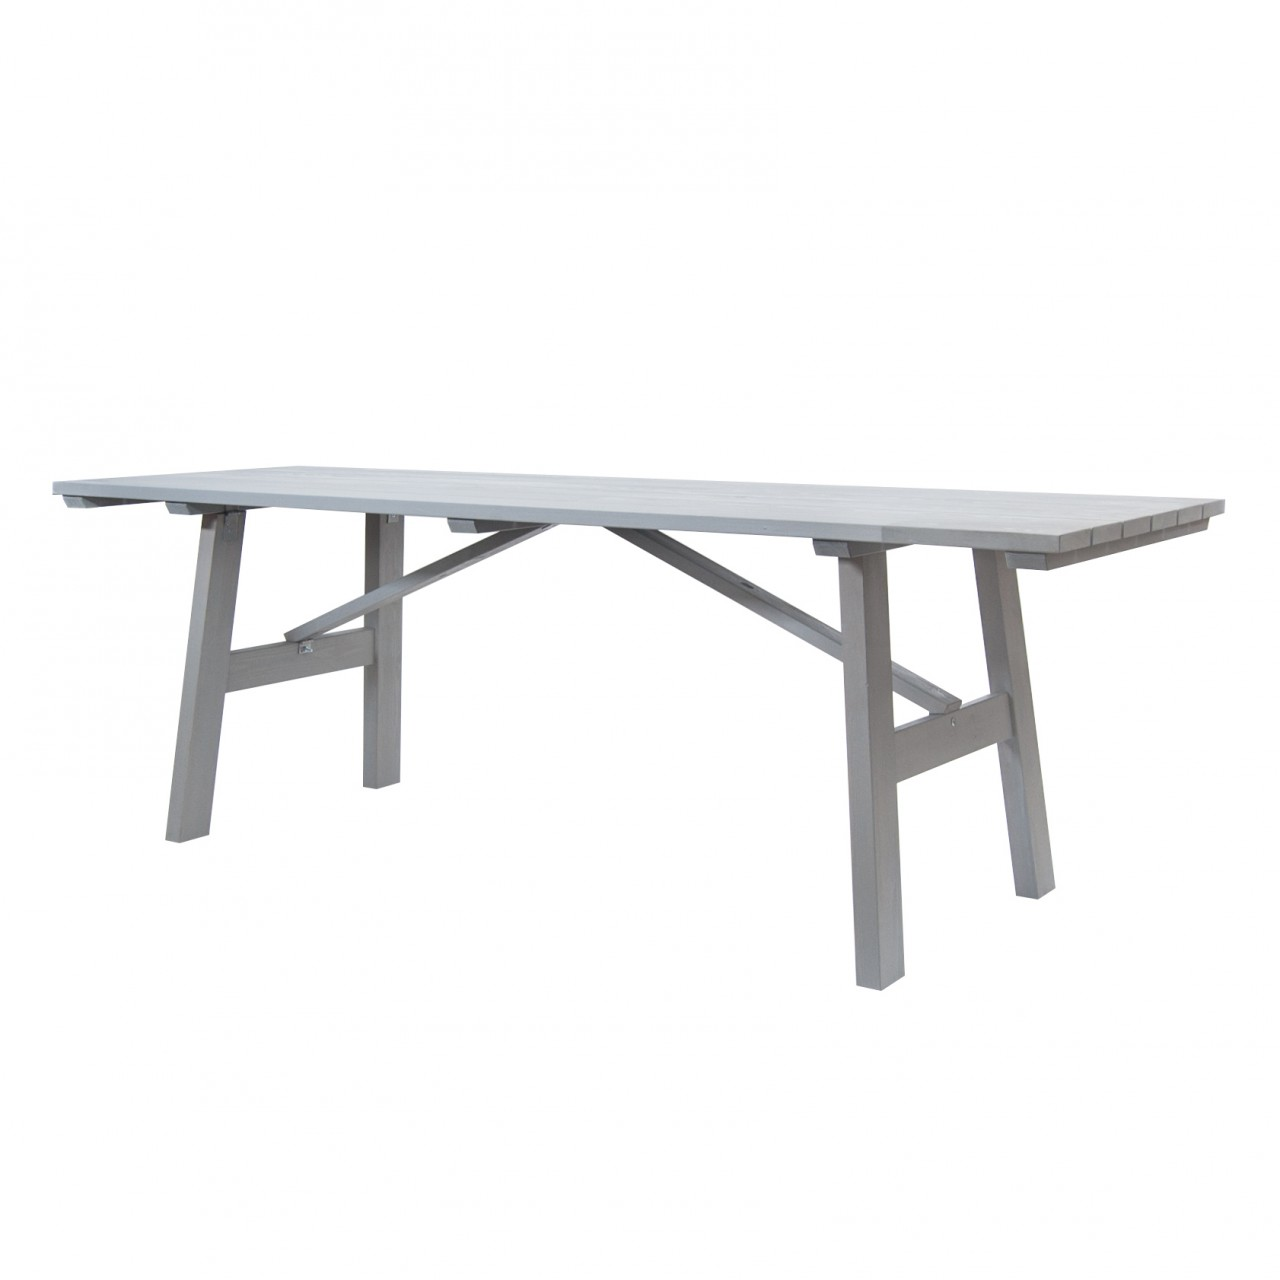 Stół piknikowy z składanymi nogami 740x800x2200